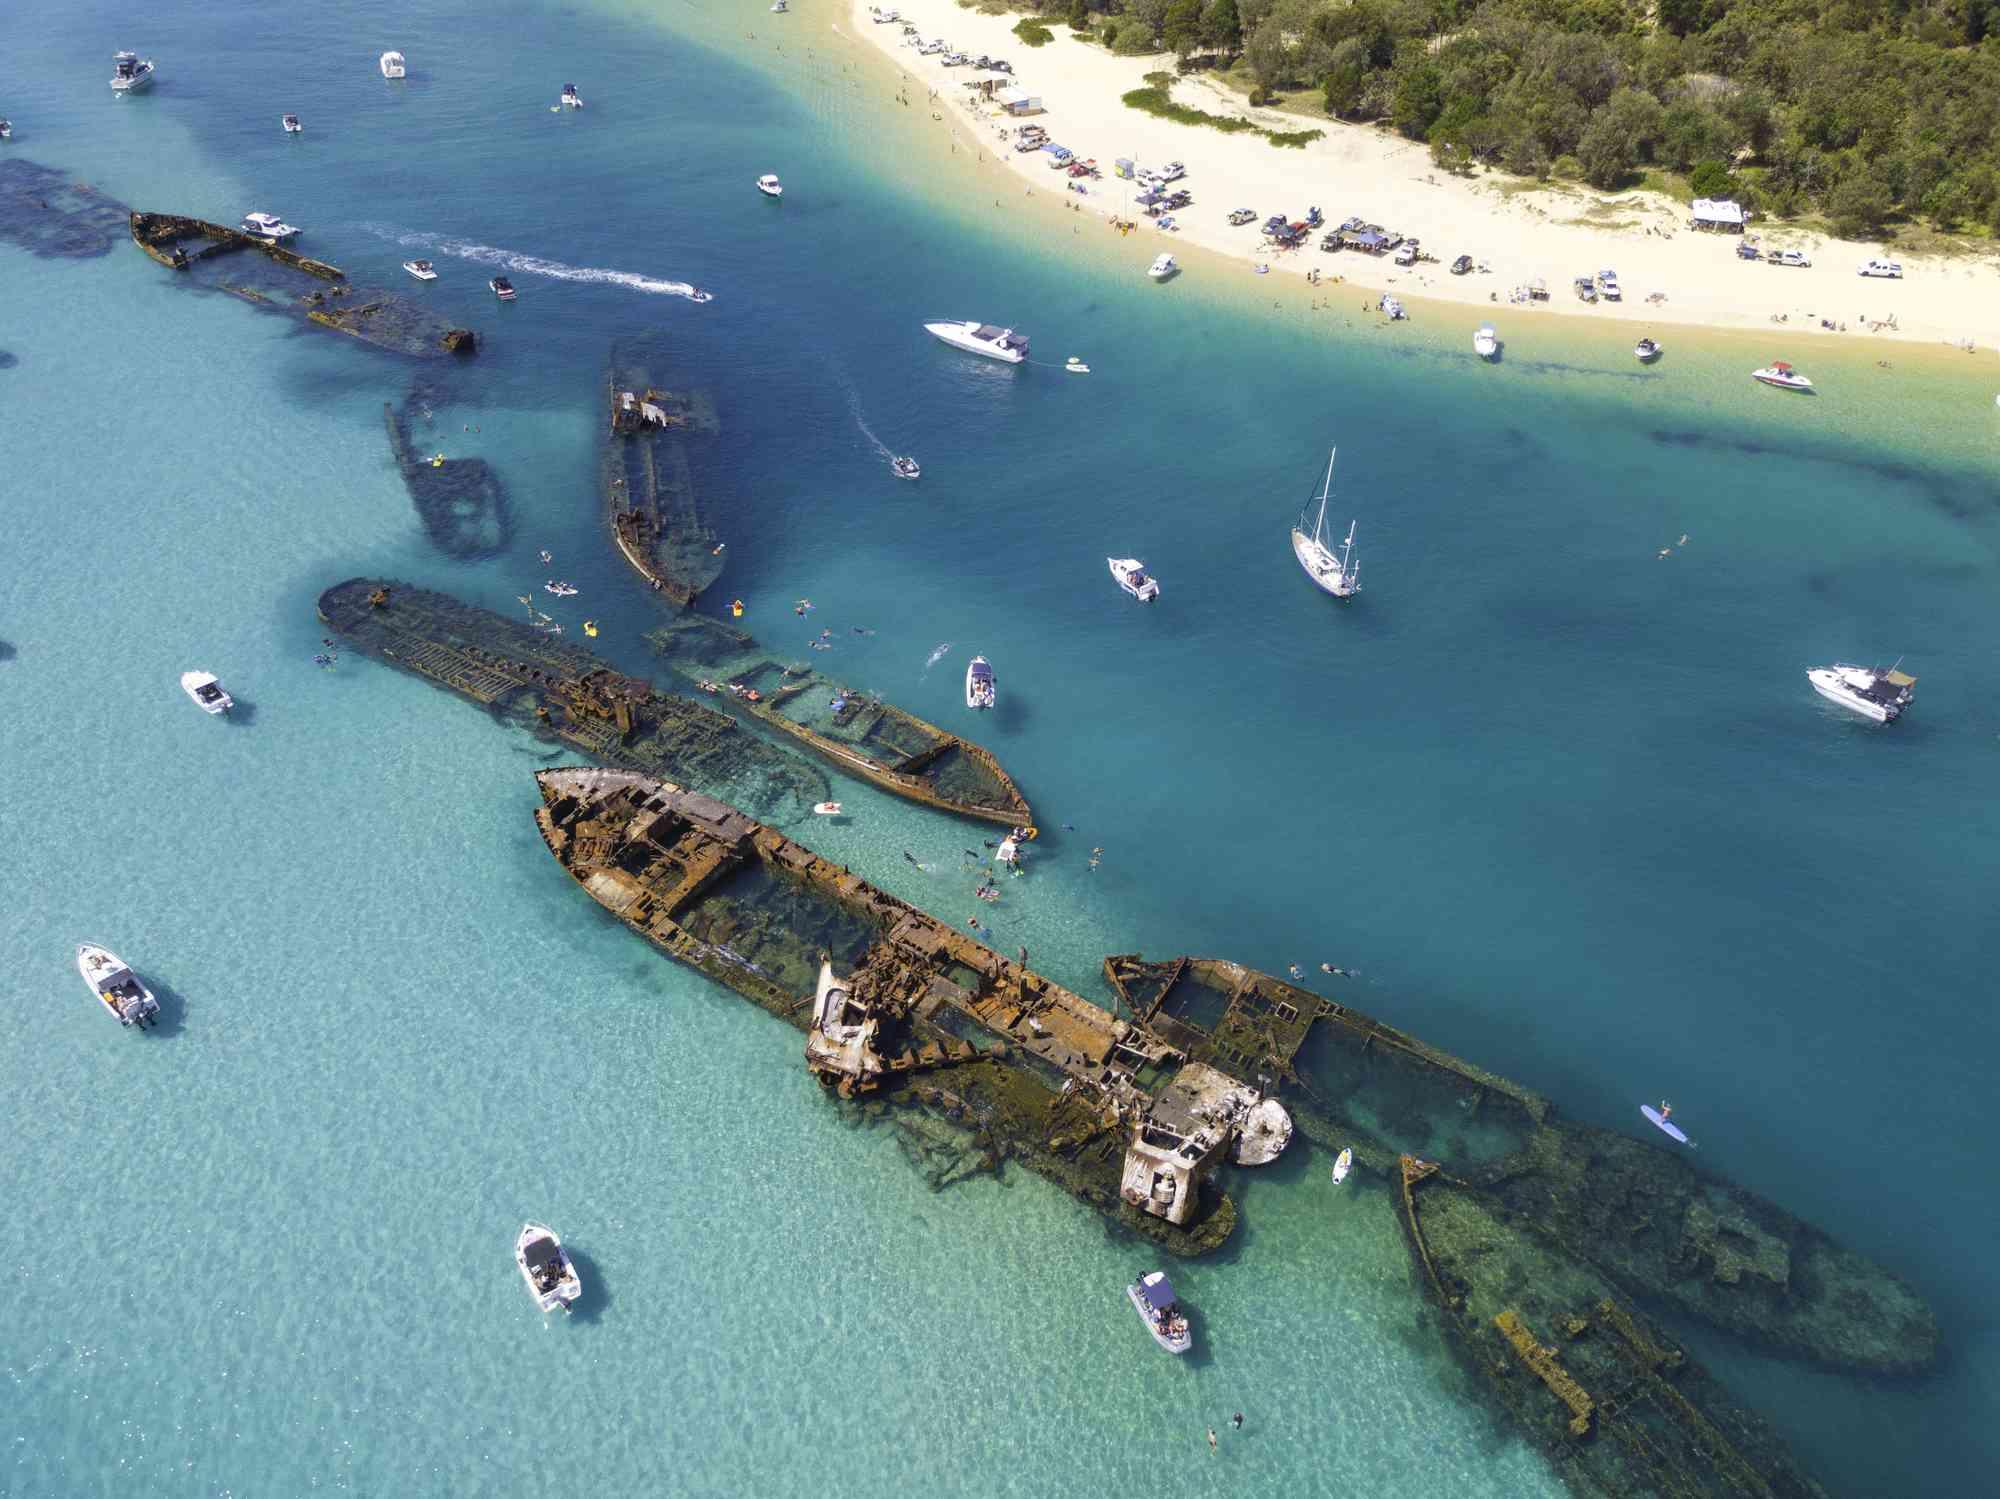 Aerial view of shipwrecks off the coast of Moreton Island